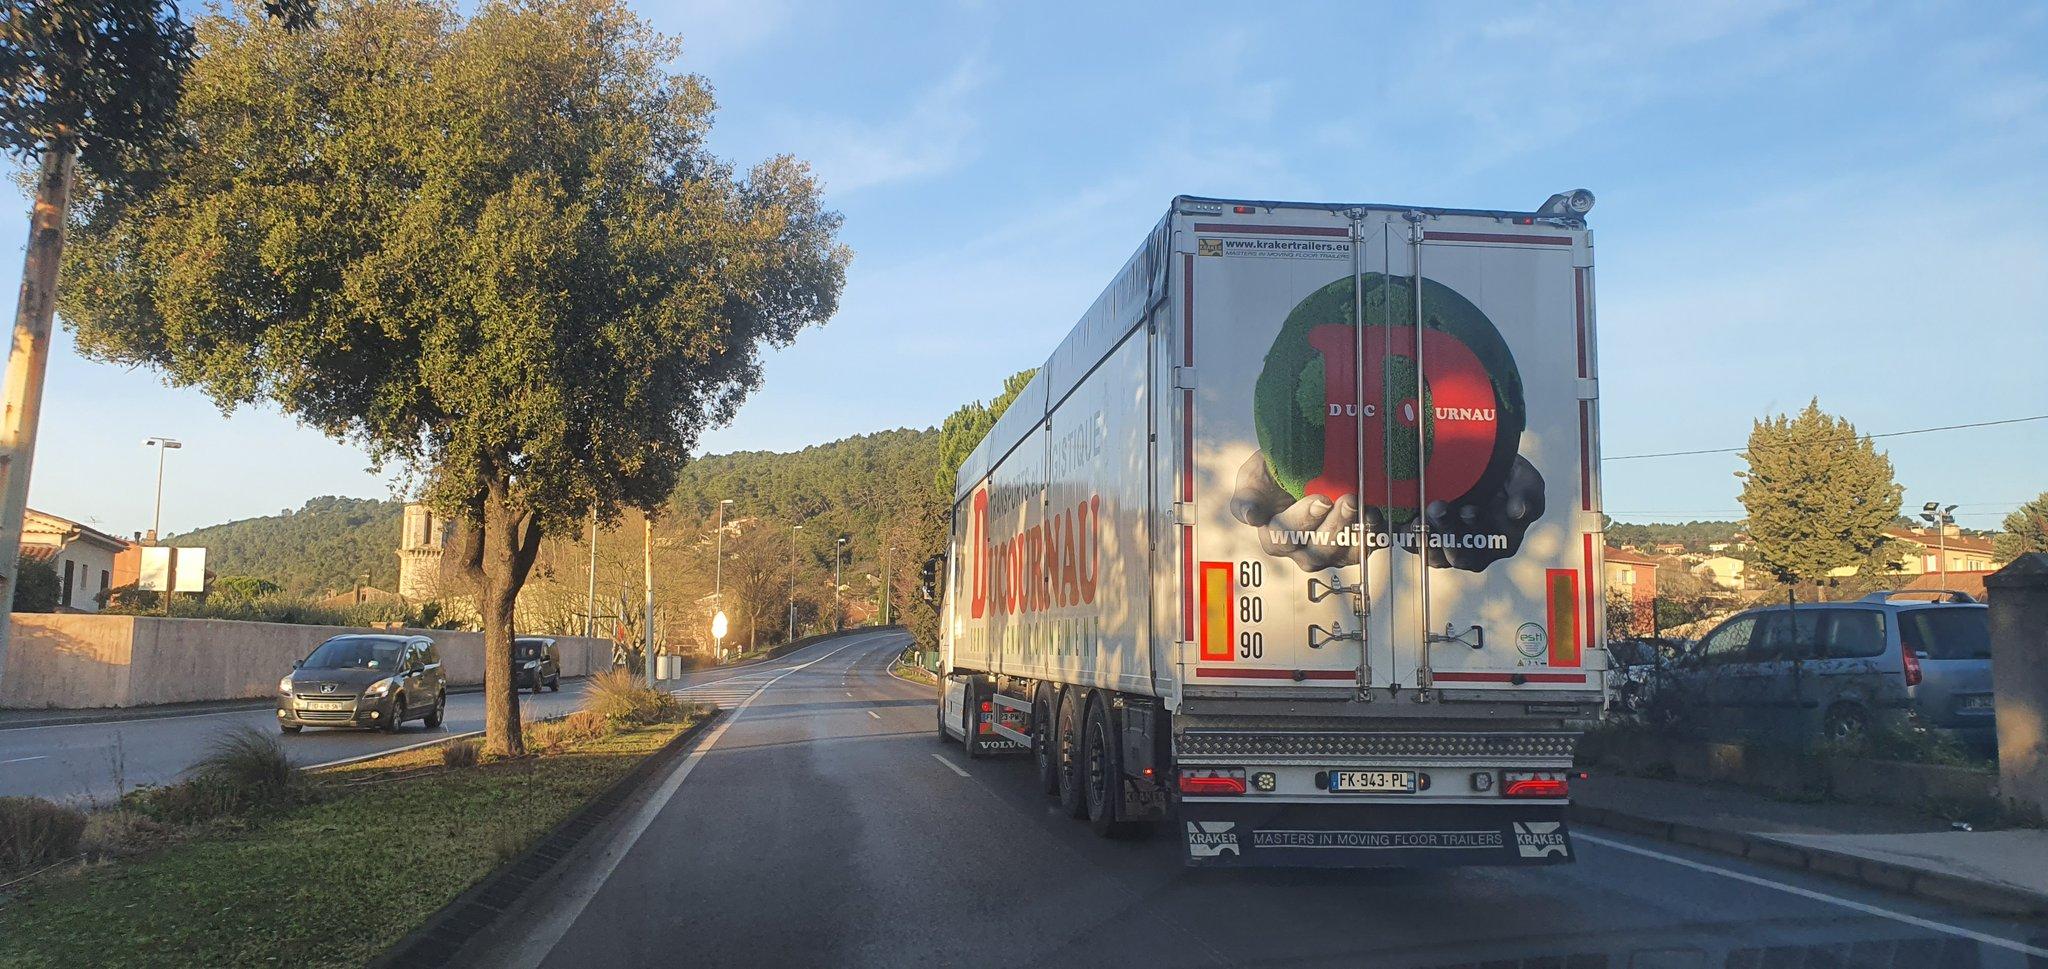 Entreprise Ducournau Transports et logistique